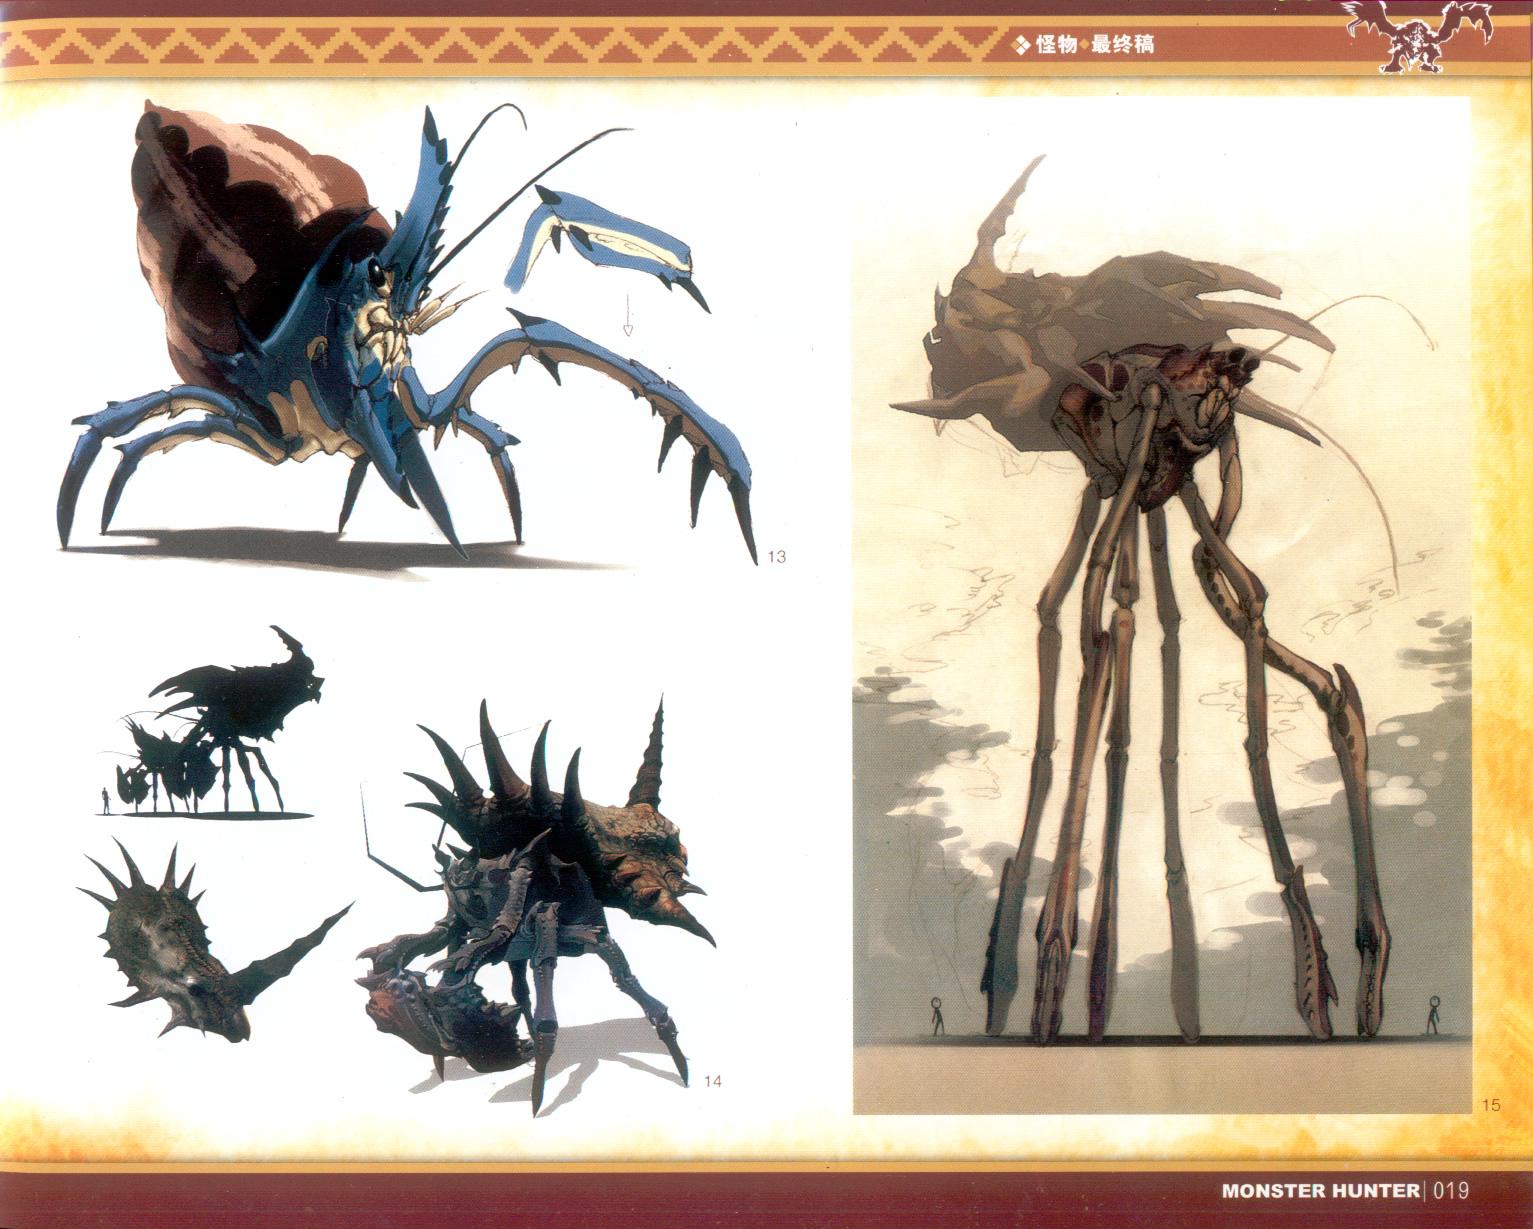 019_关注-游艺网GAME798海量资源下载怪物猎人终极画集.jpg